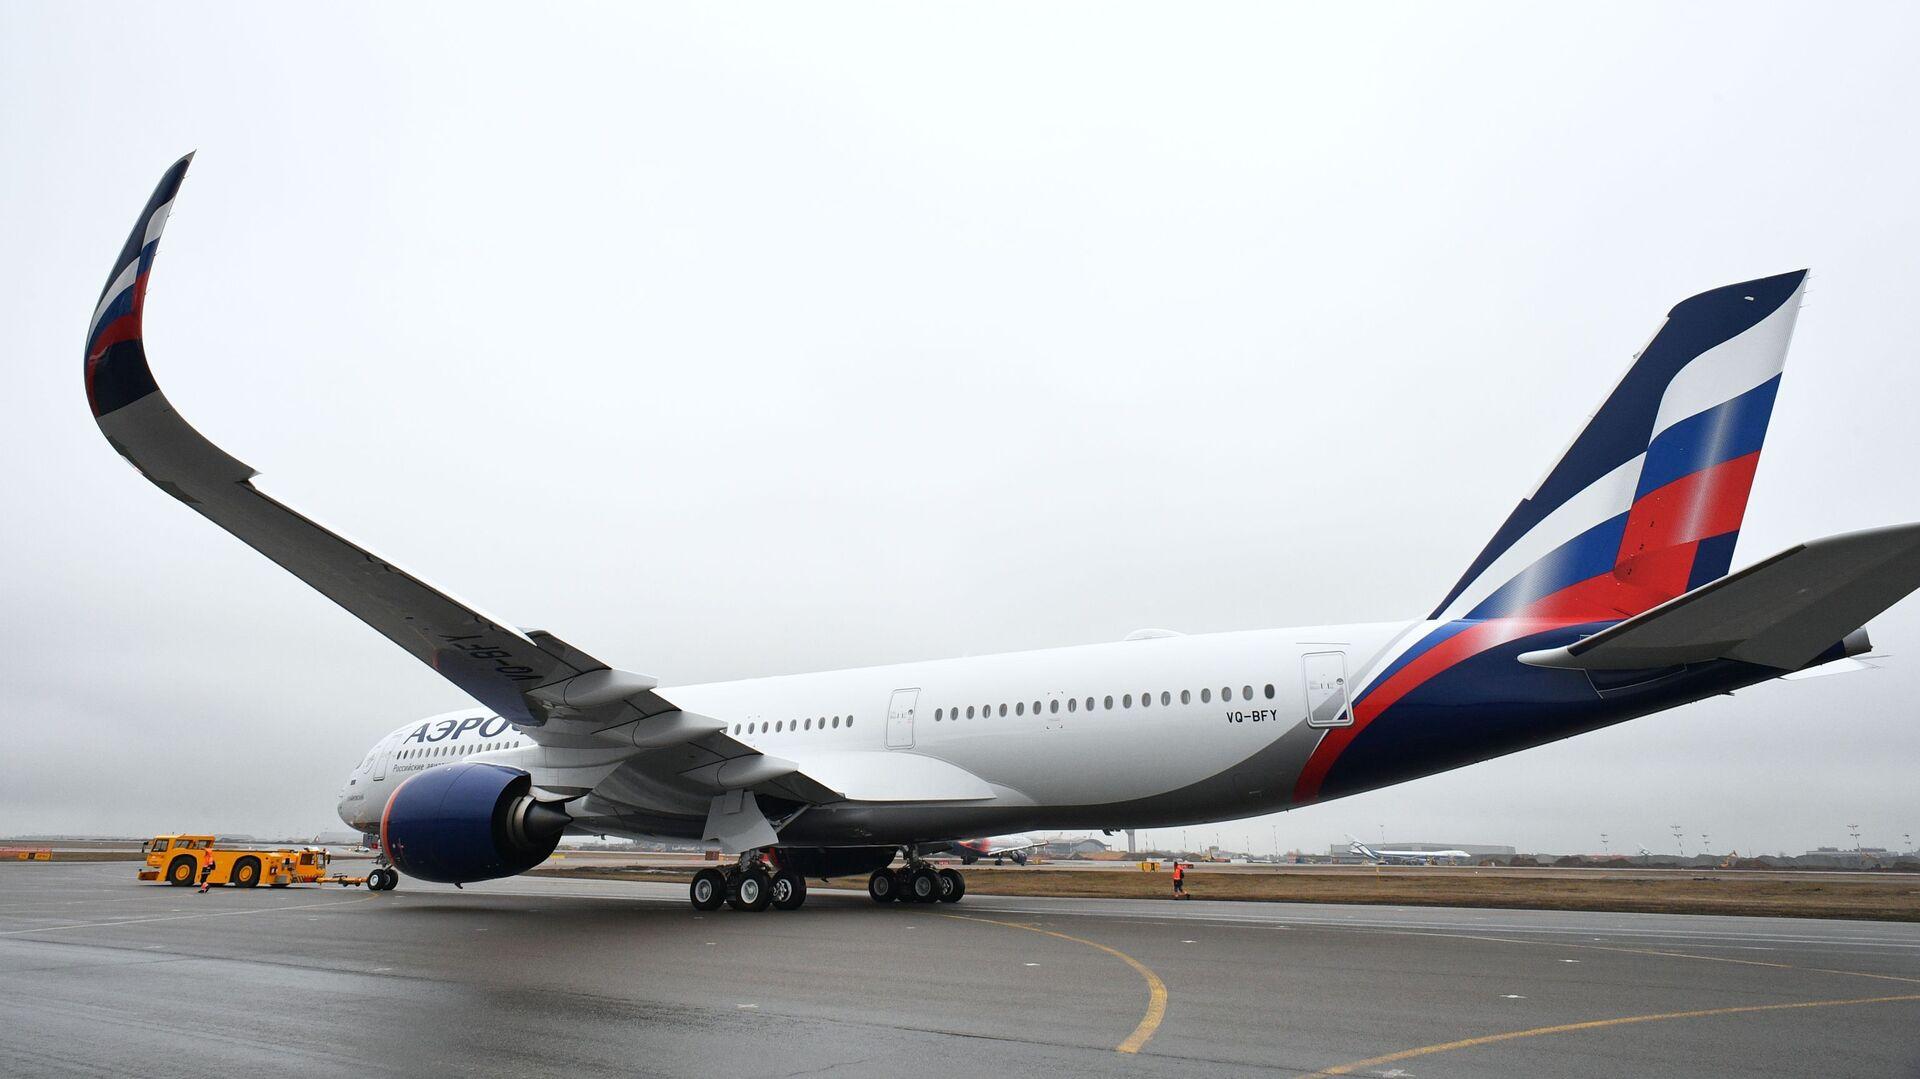 Presentación del primer Airbus A350-900 de la aerolínea rusa, Aeroflot - Sputnik Mundo, 1920, 29.03.2021